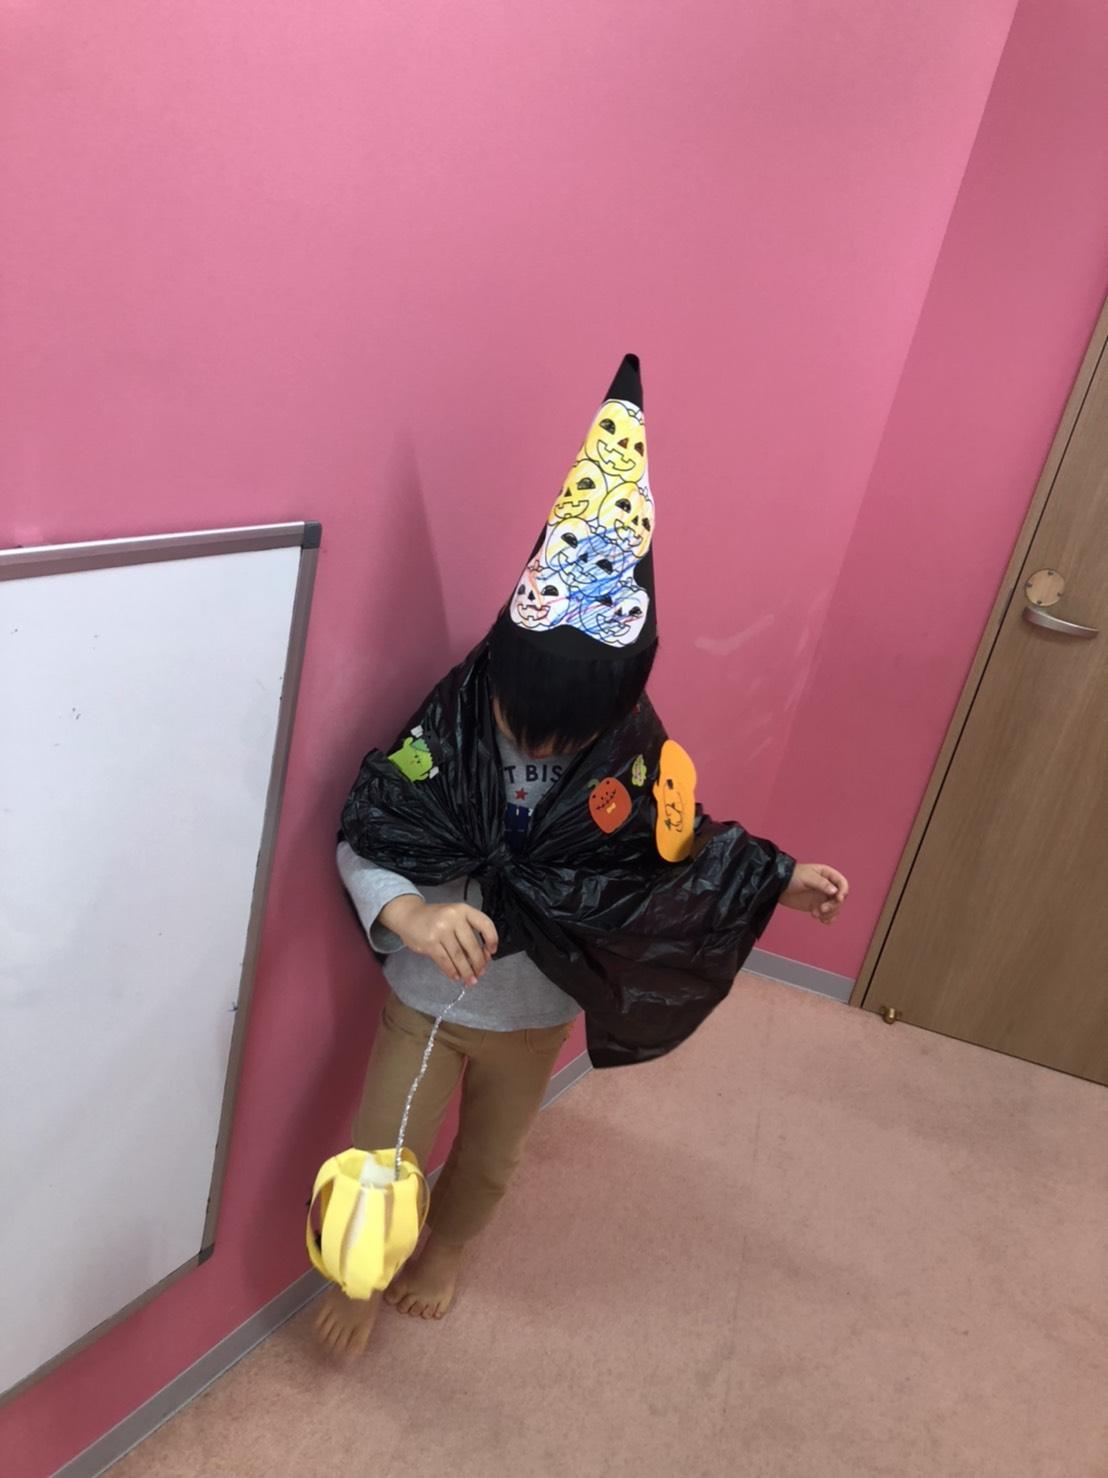 【立川】ハロウィン制作を行いました!